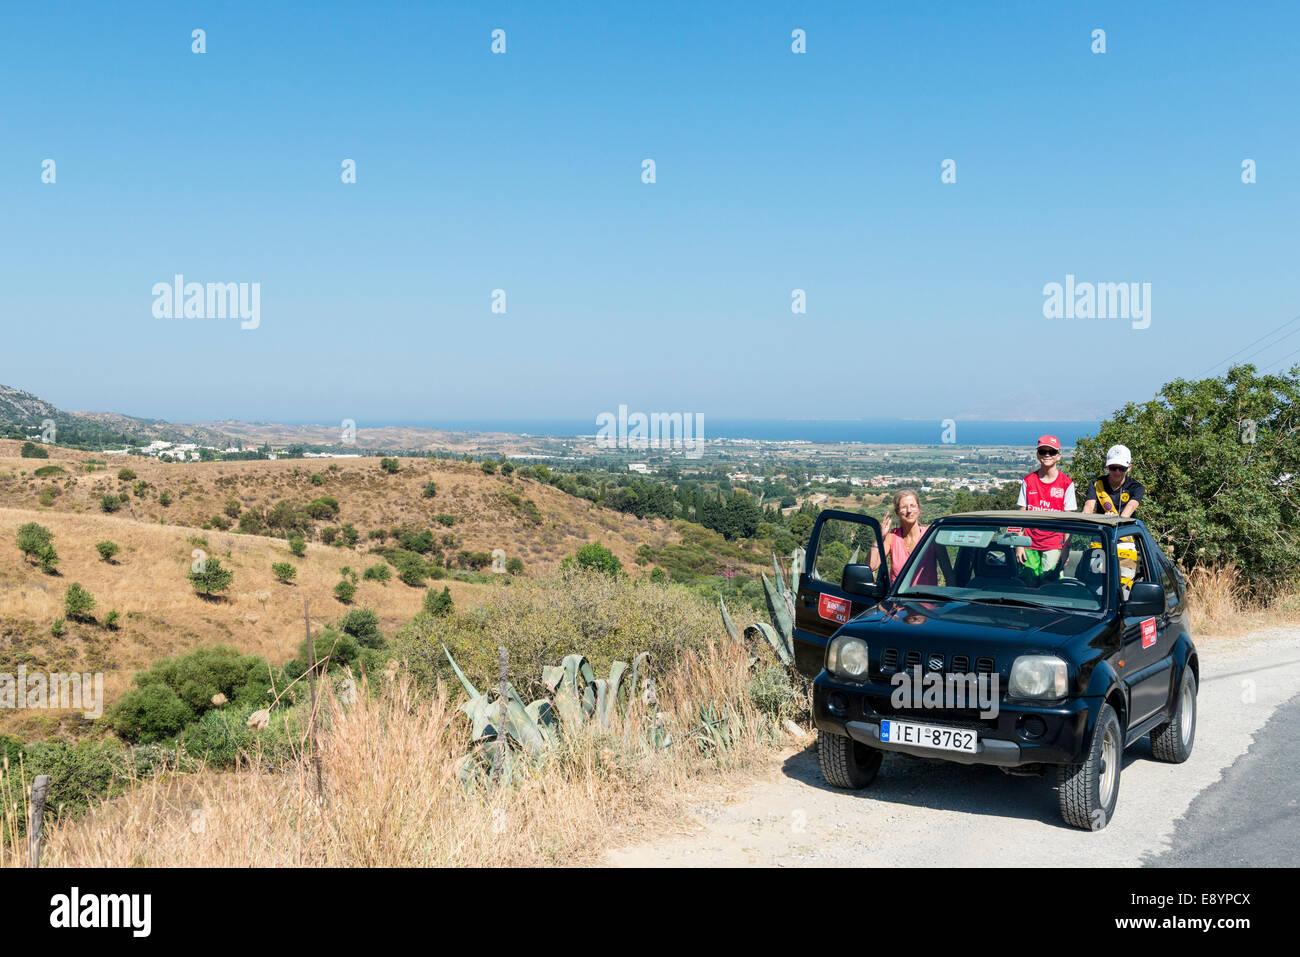 Mutter mit zwei Kindern fahren in einem offenen Jeep in die Berge zu Pili, Kos, Griechenland Stockbild